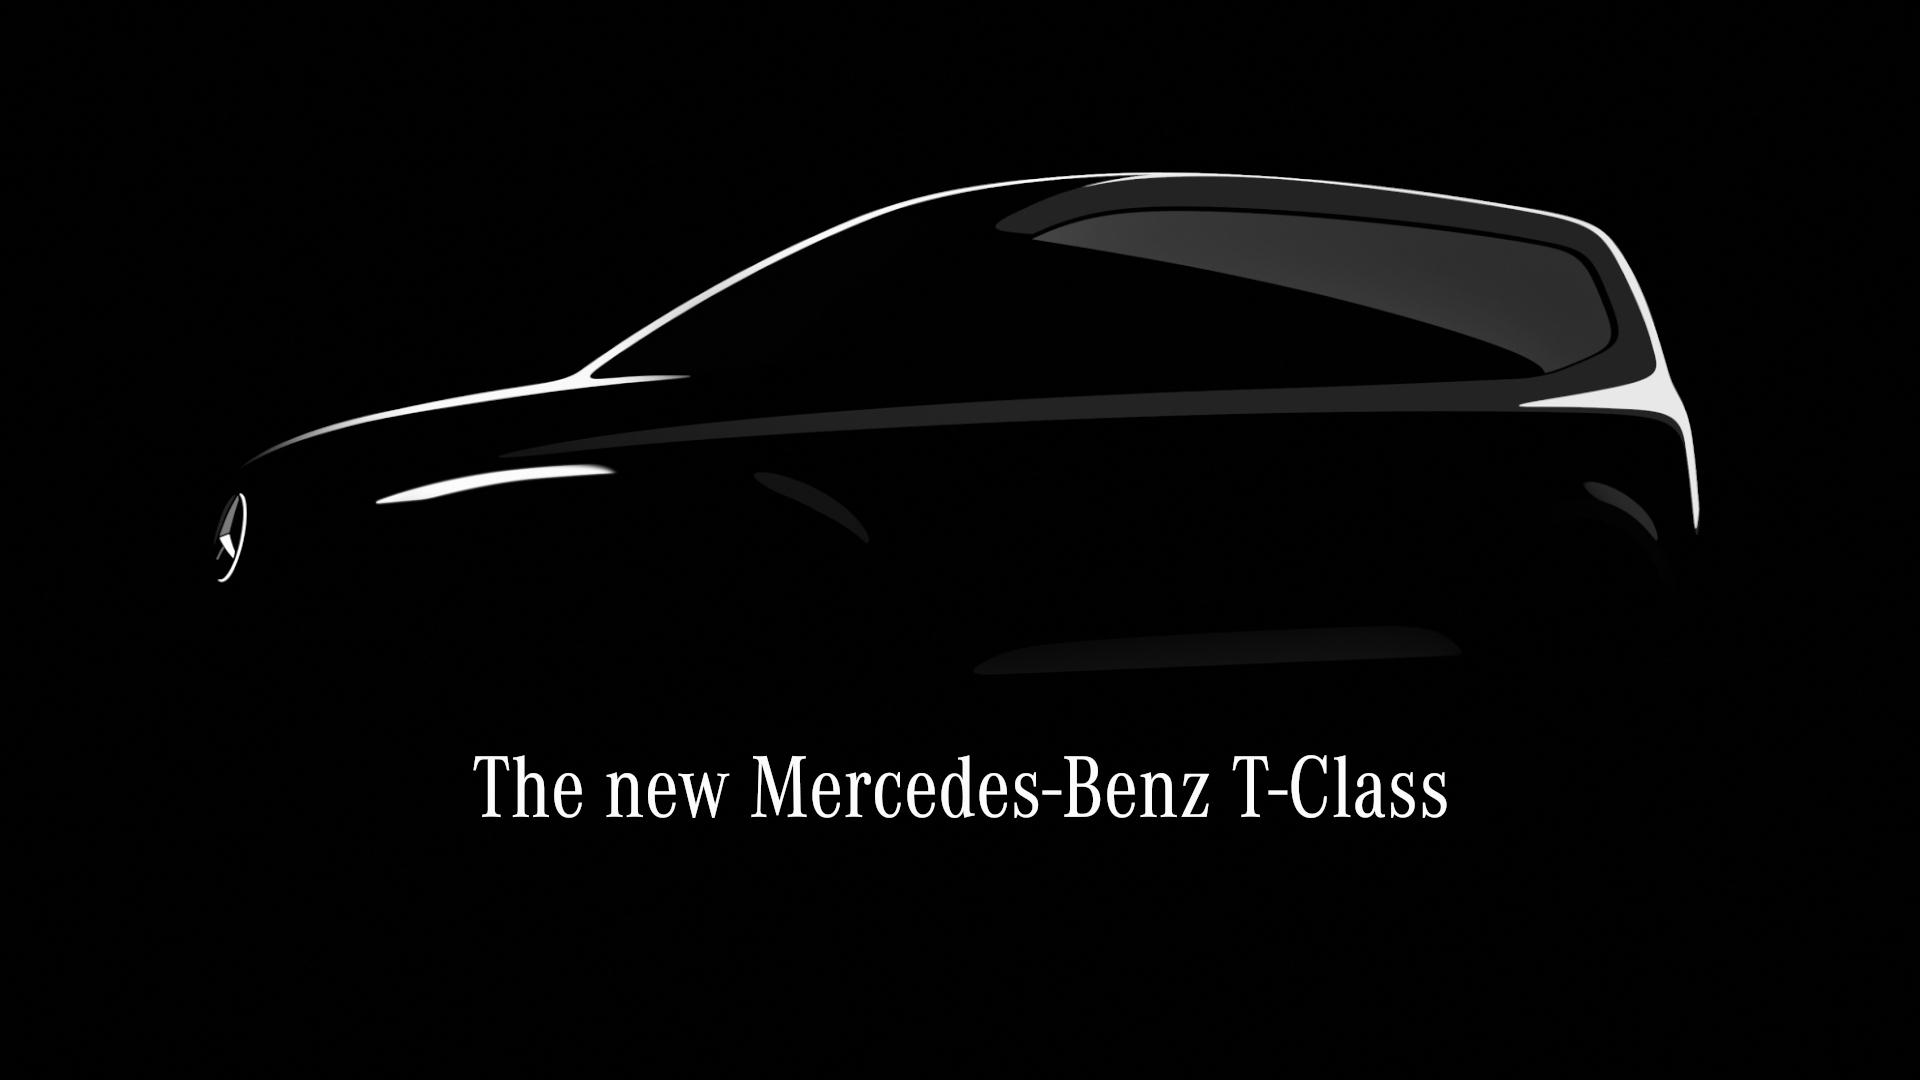 Mercedes annonce son nouveau ludospace Classe T avec une version électrique